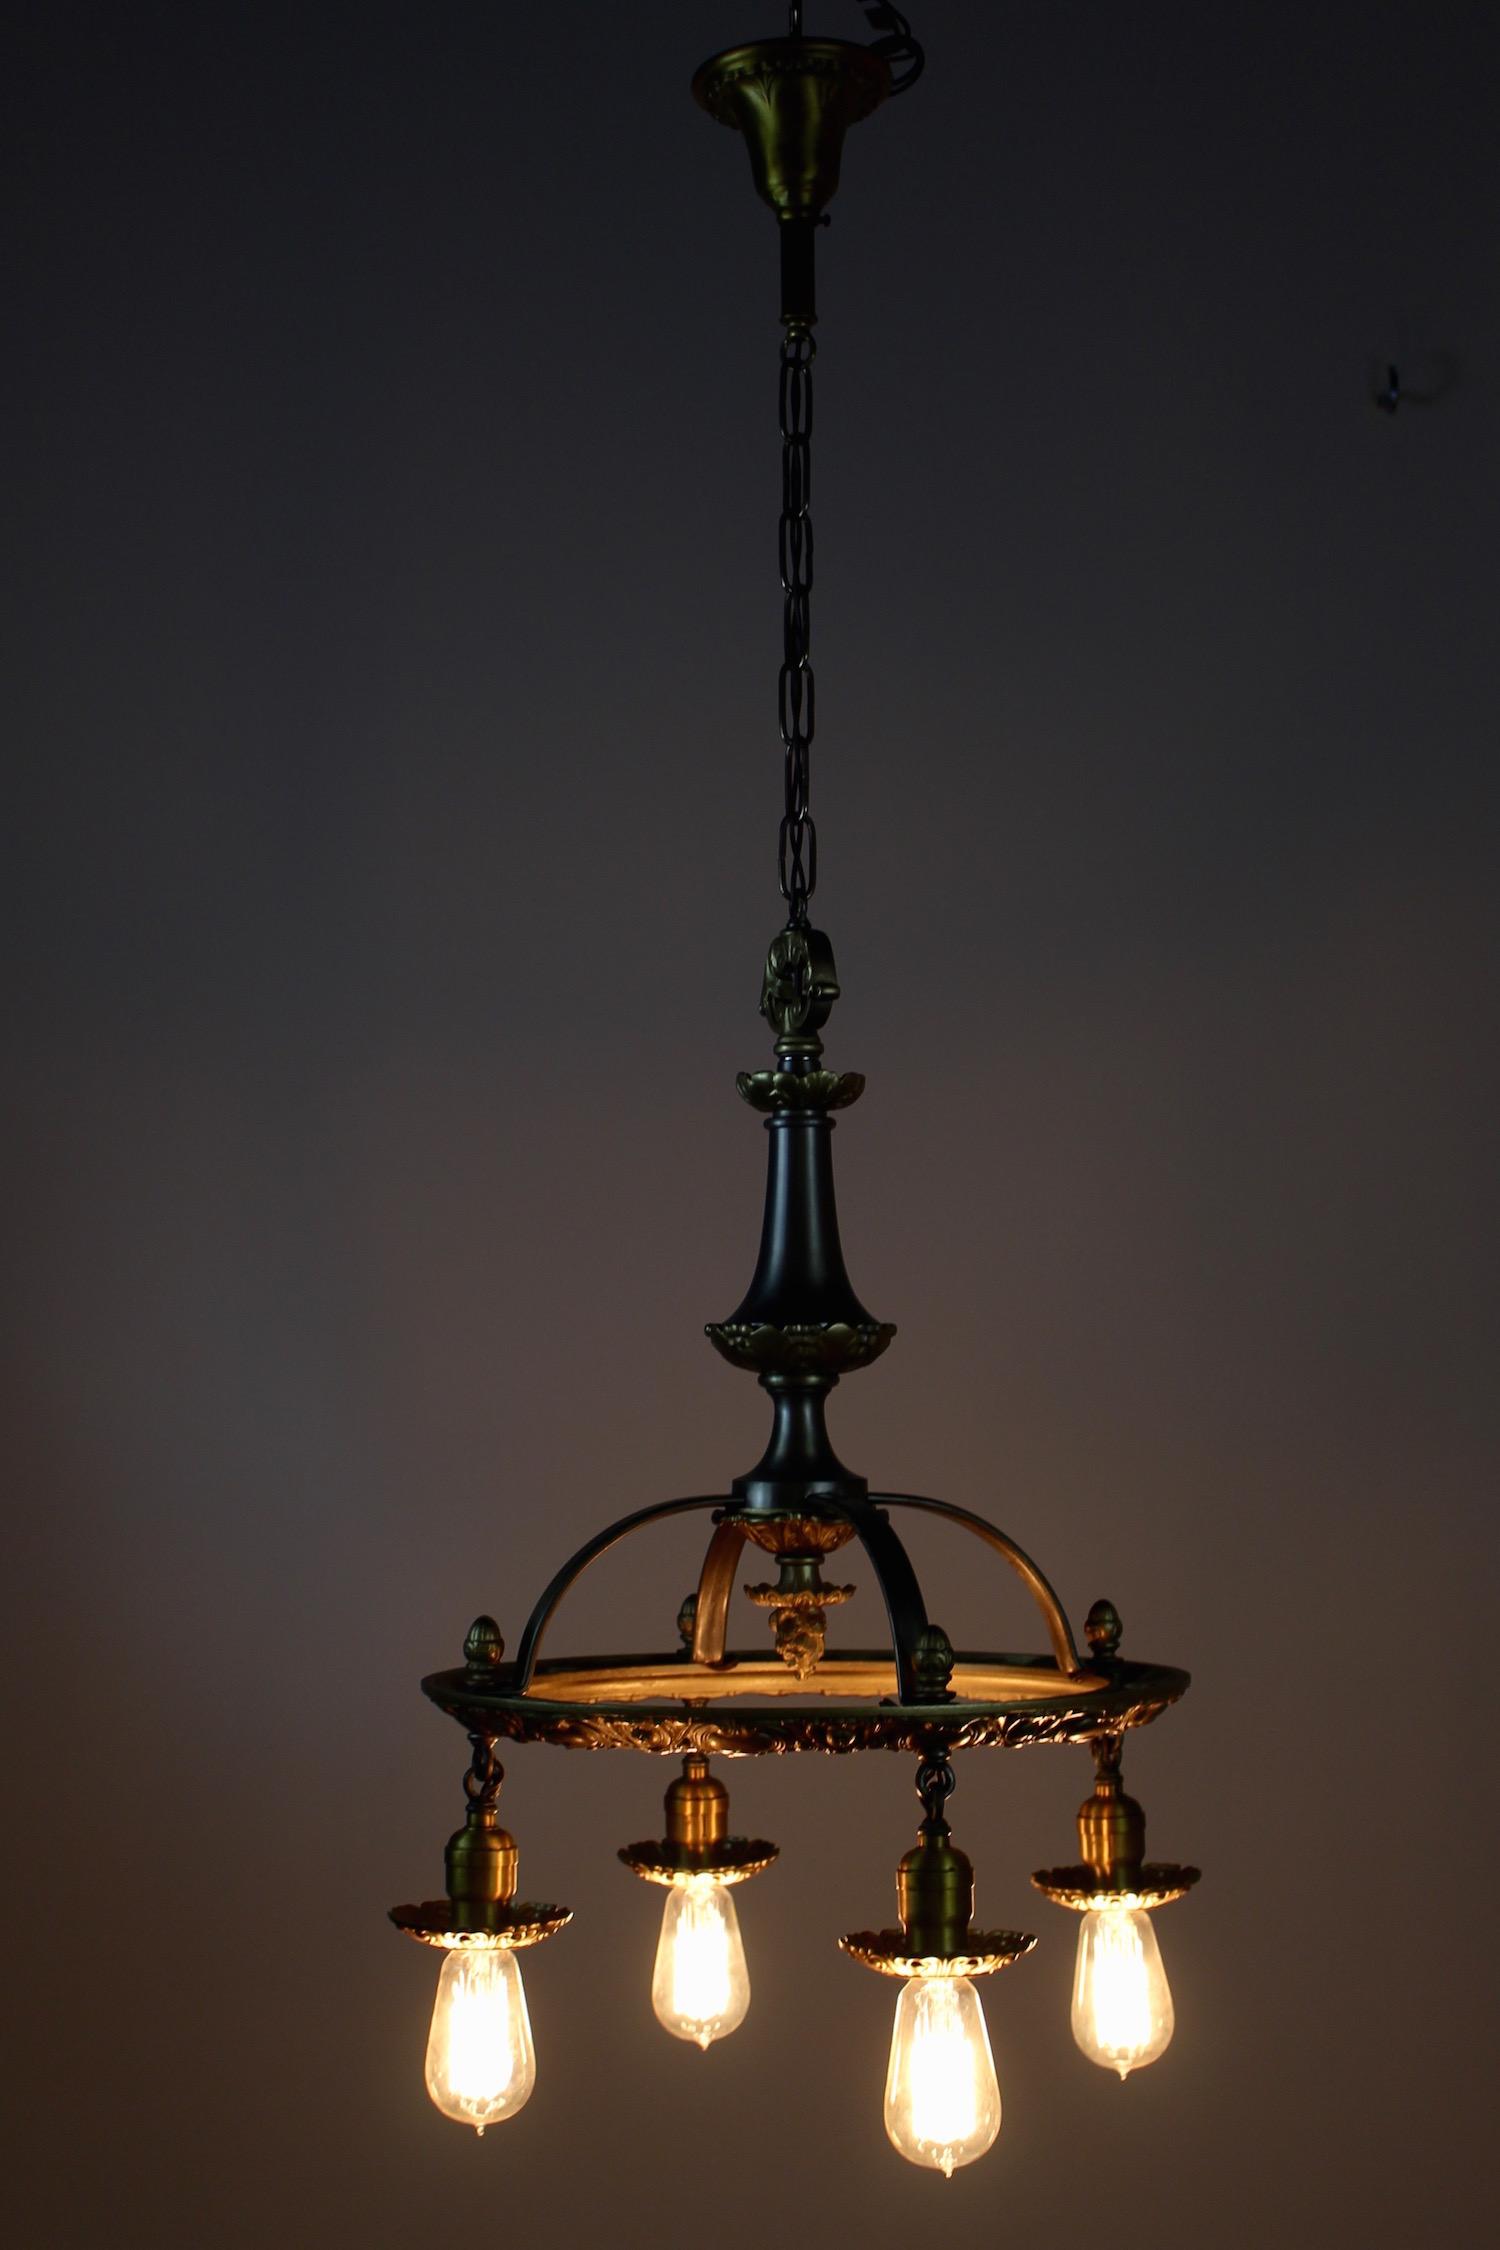 Colonial Lighting Fixtures Lighting Designs